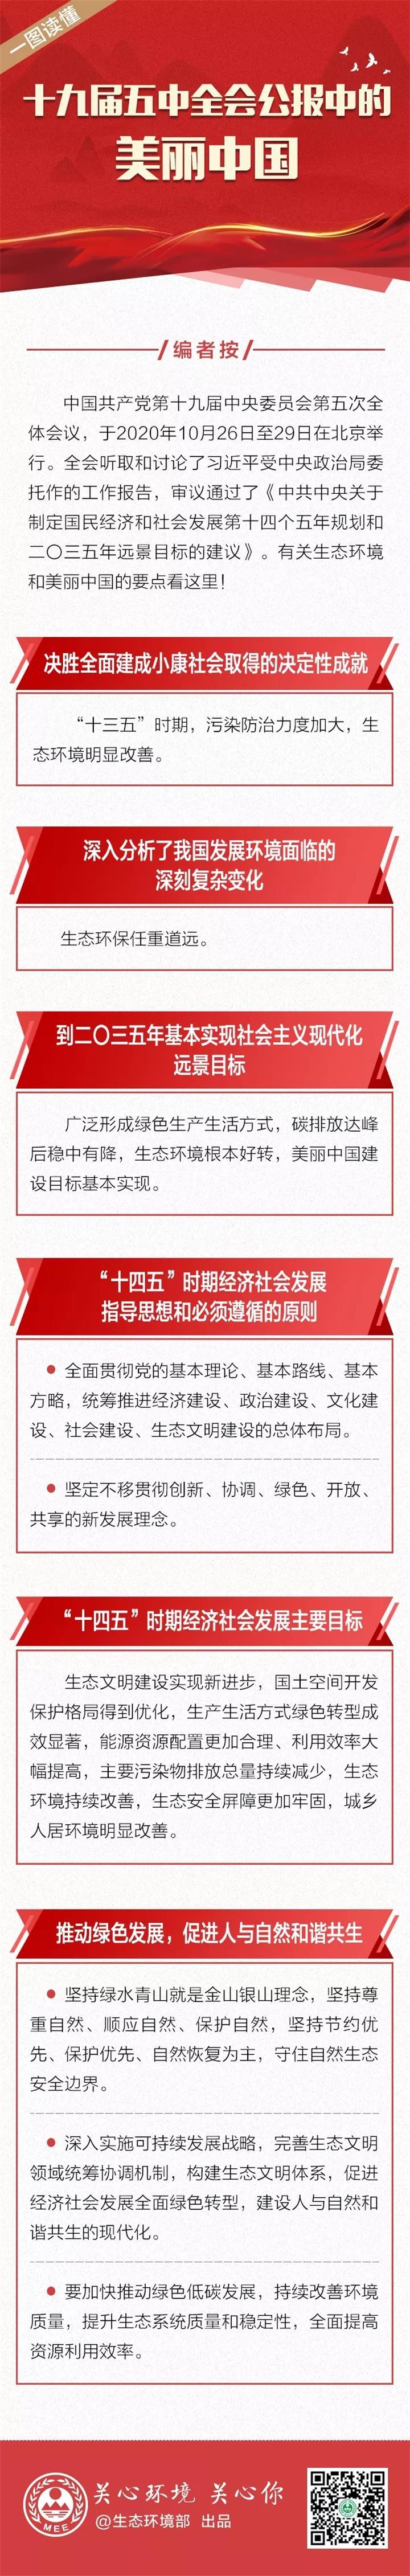 一图读懂十九届五中全会中公报中的美丽中国